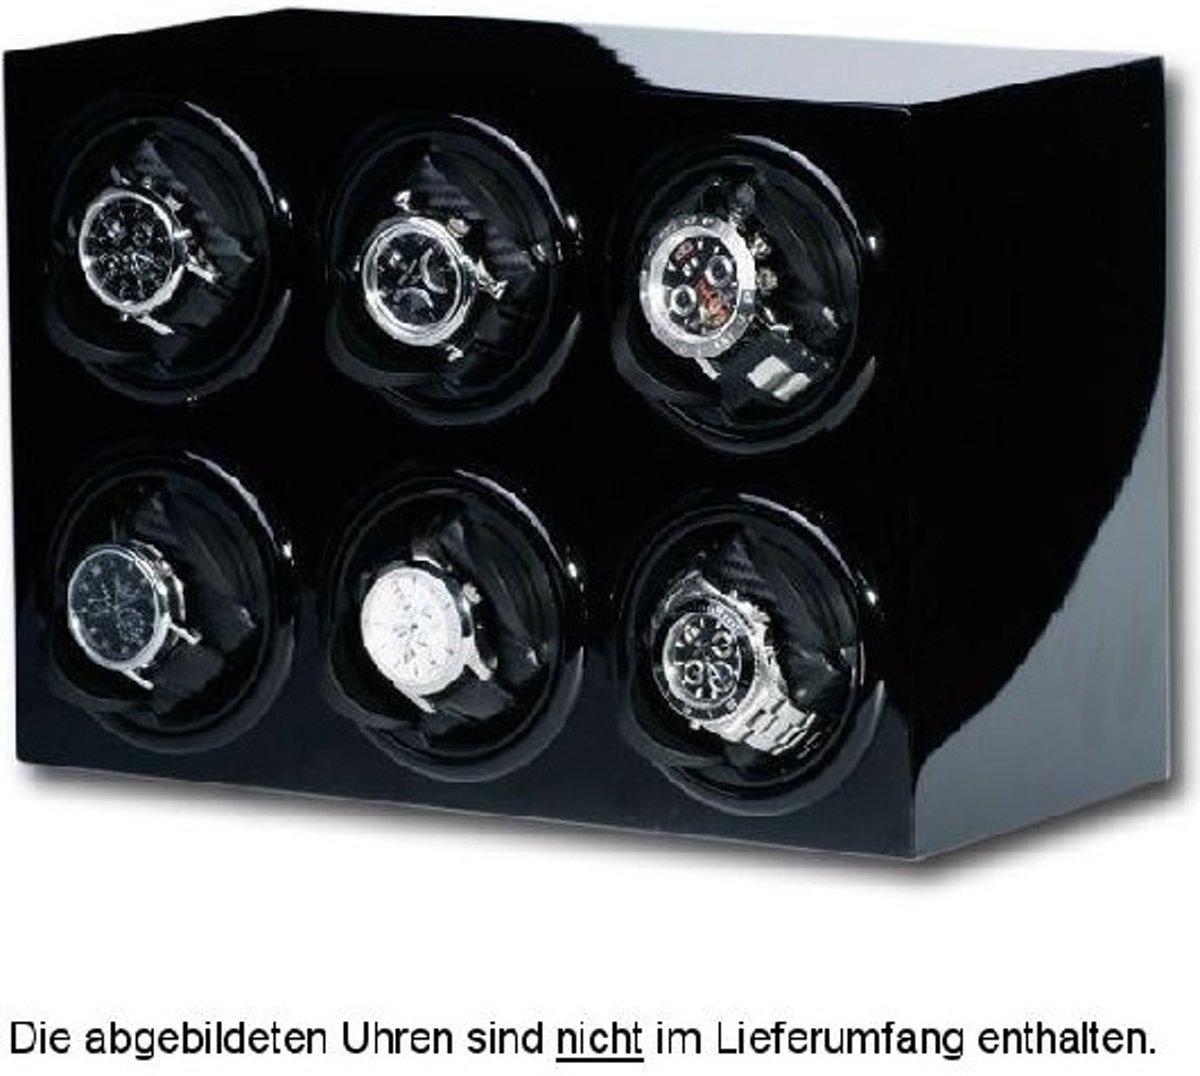 Portax Watchwinder Prismo 6 Uhren Klavierlack 1002375 kopen